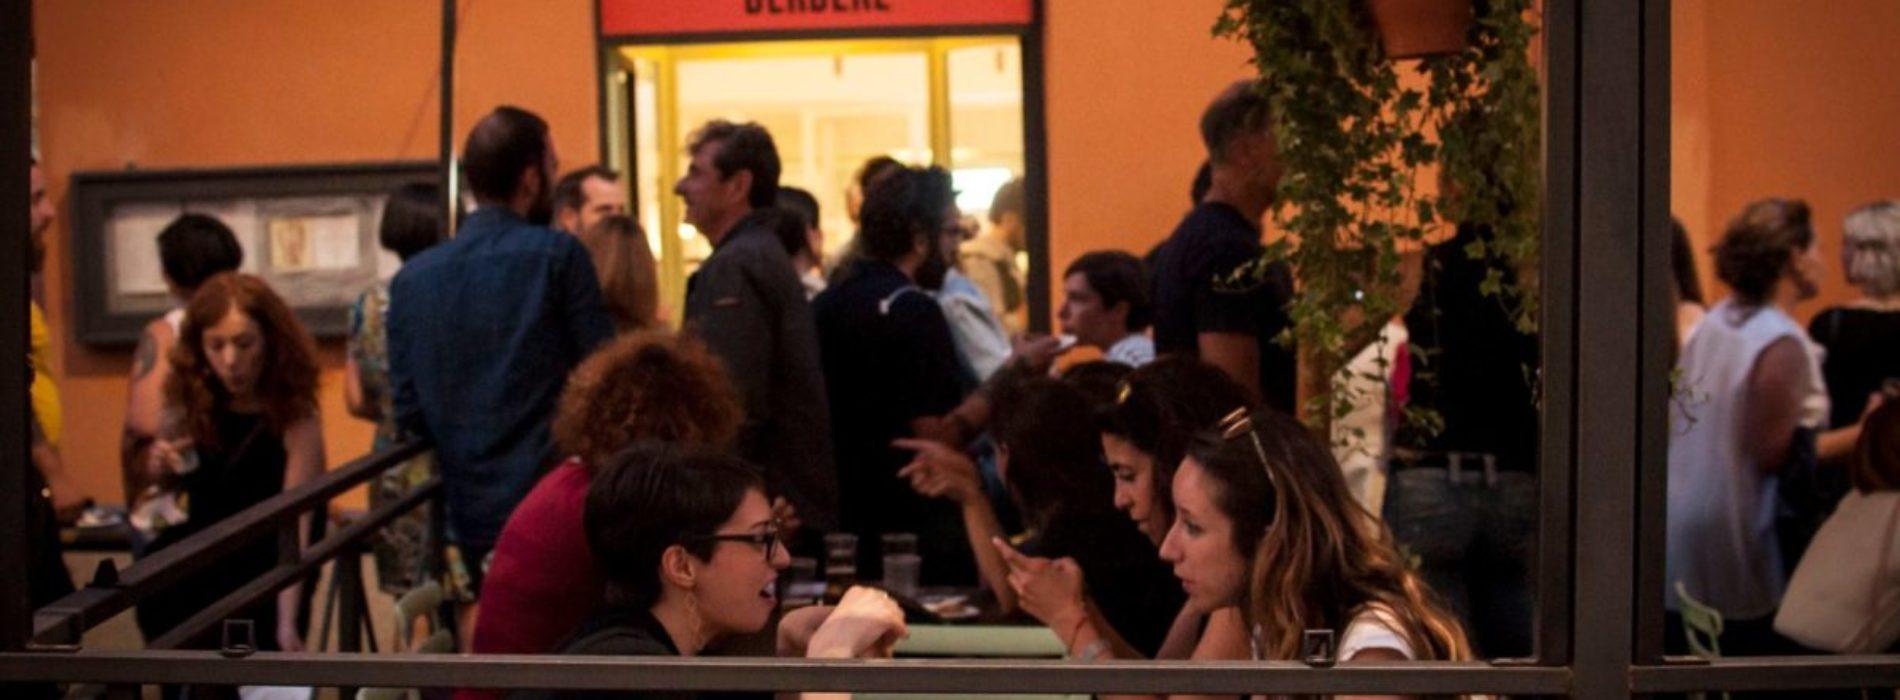 Ristoranti aperti agosto 2019 a Roma, dove cenare d'estate in città